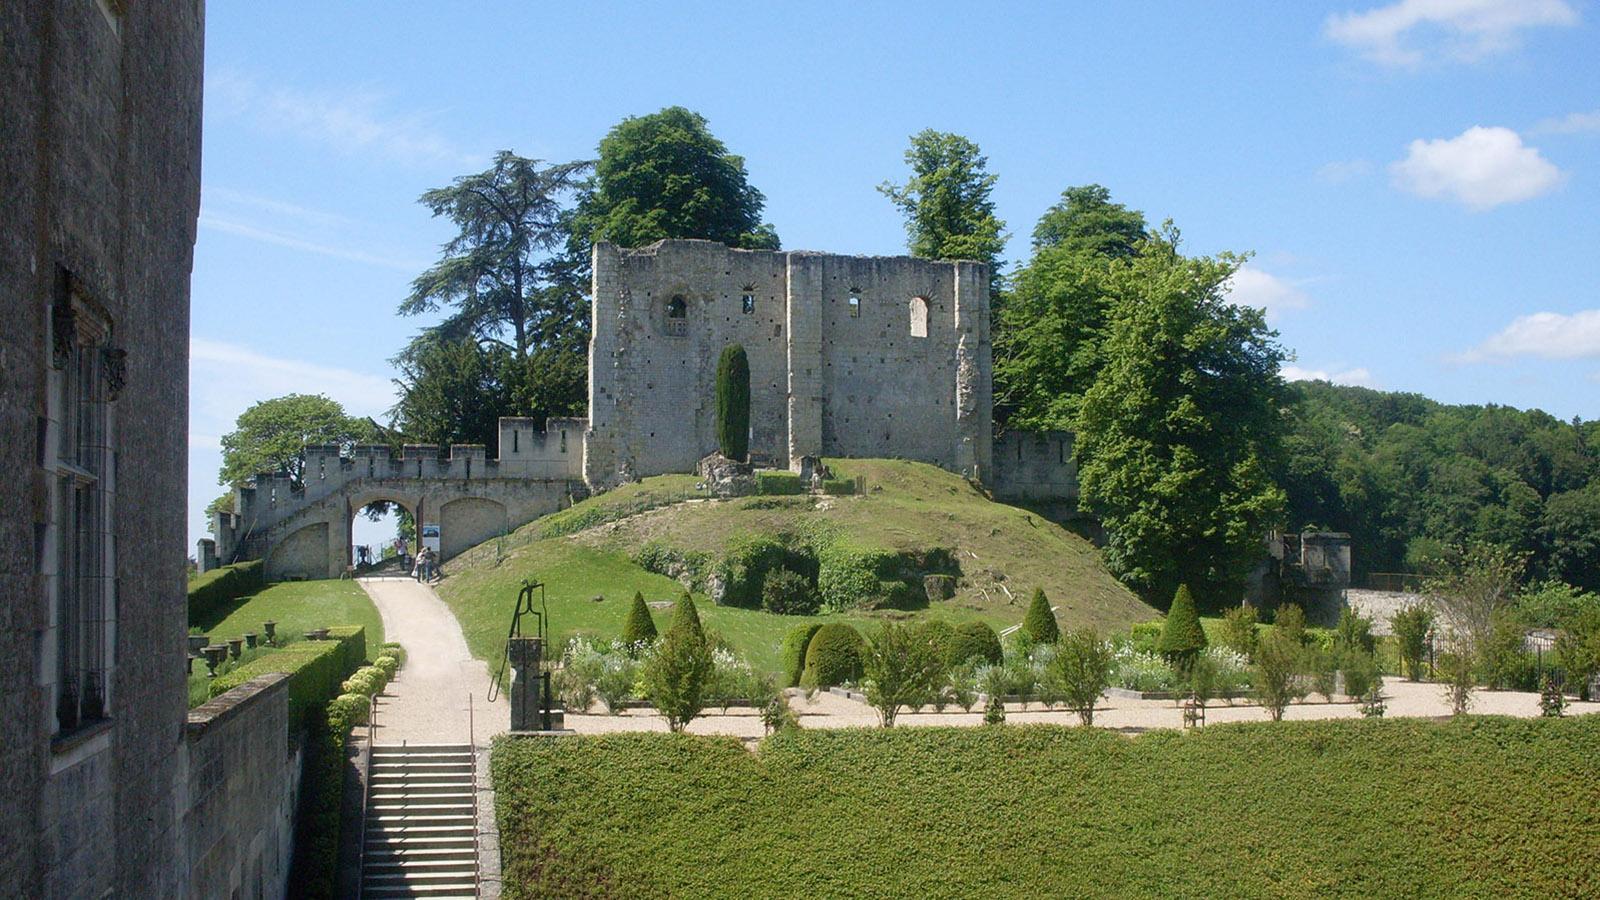 Loiretal: Die Burg von Langeais. Foto: Hilke Maunder